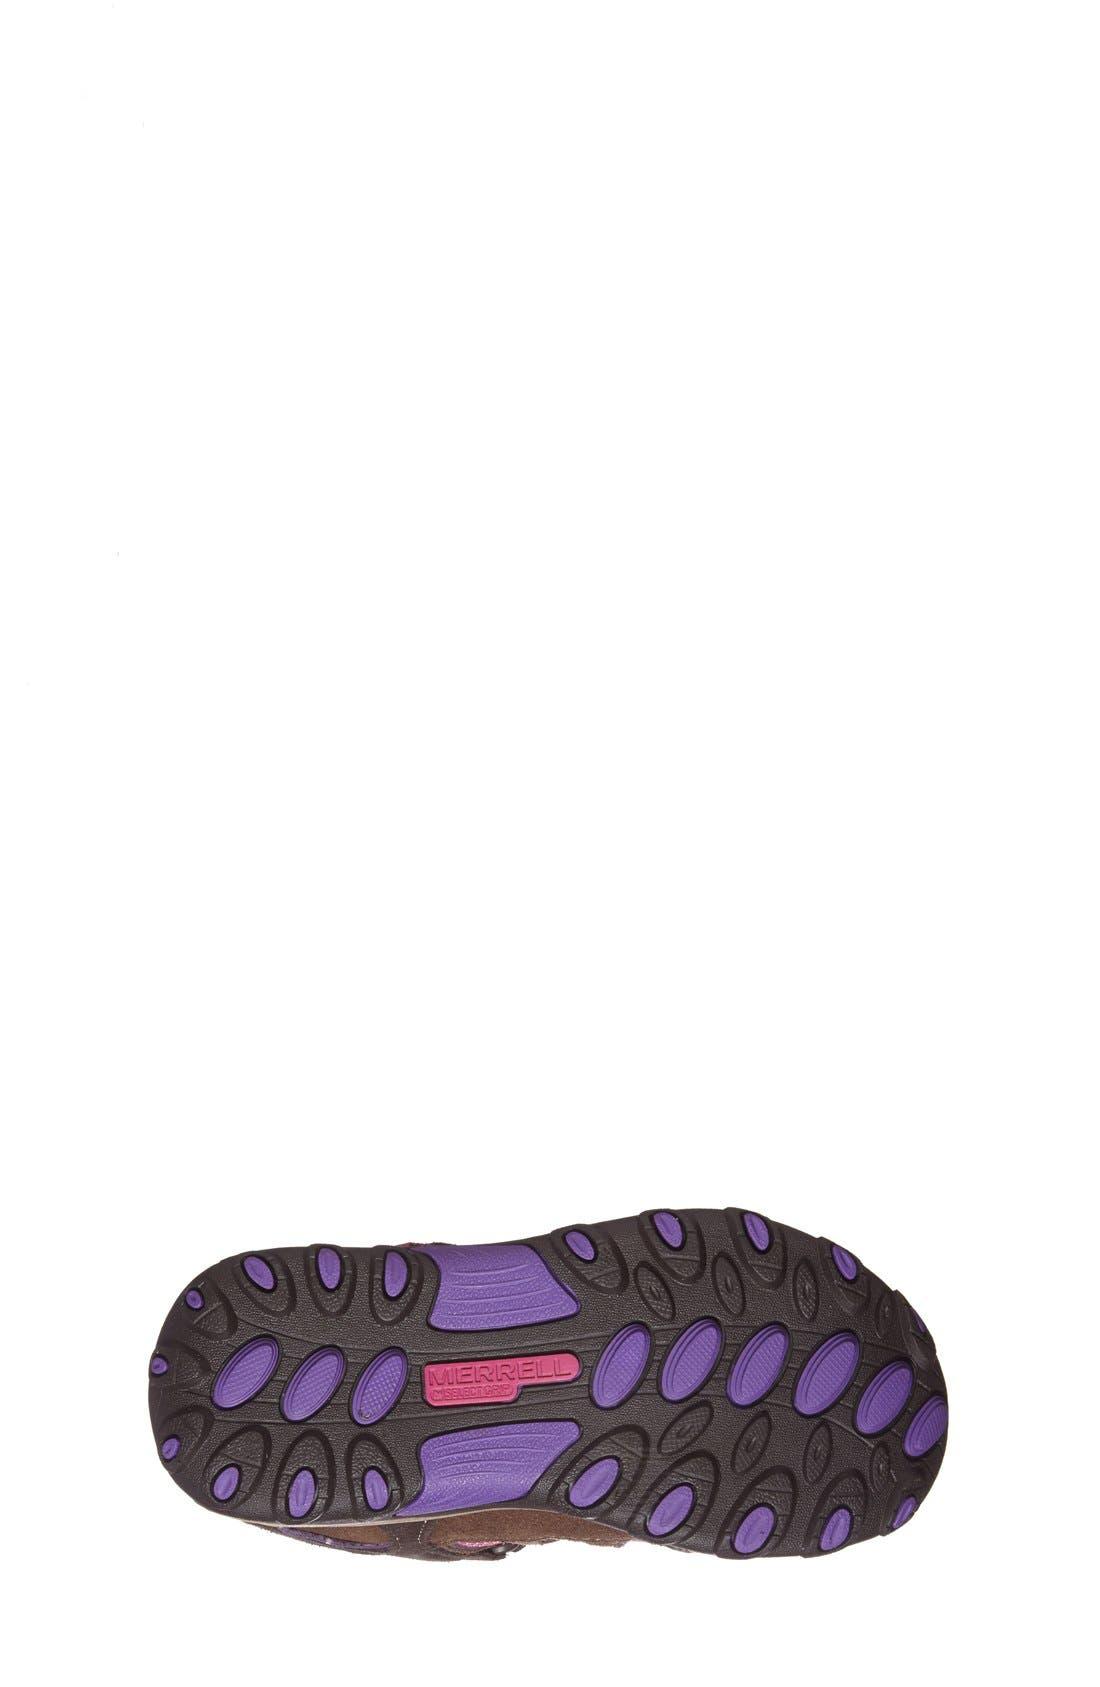 Alternate Image 4  - Merrell 'Chameleon' Waterproof Sneaker(Toddler, Little Kid & Big Kid)